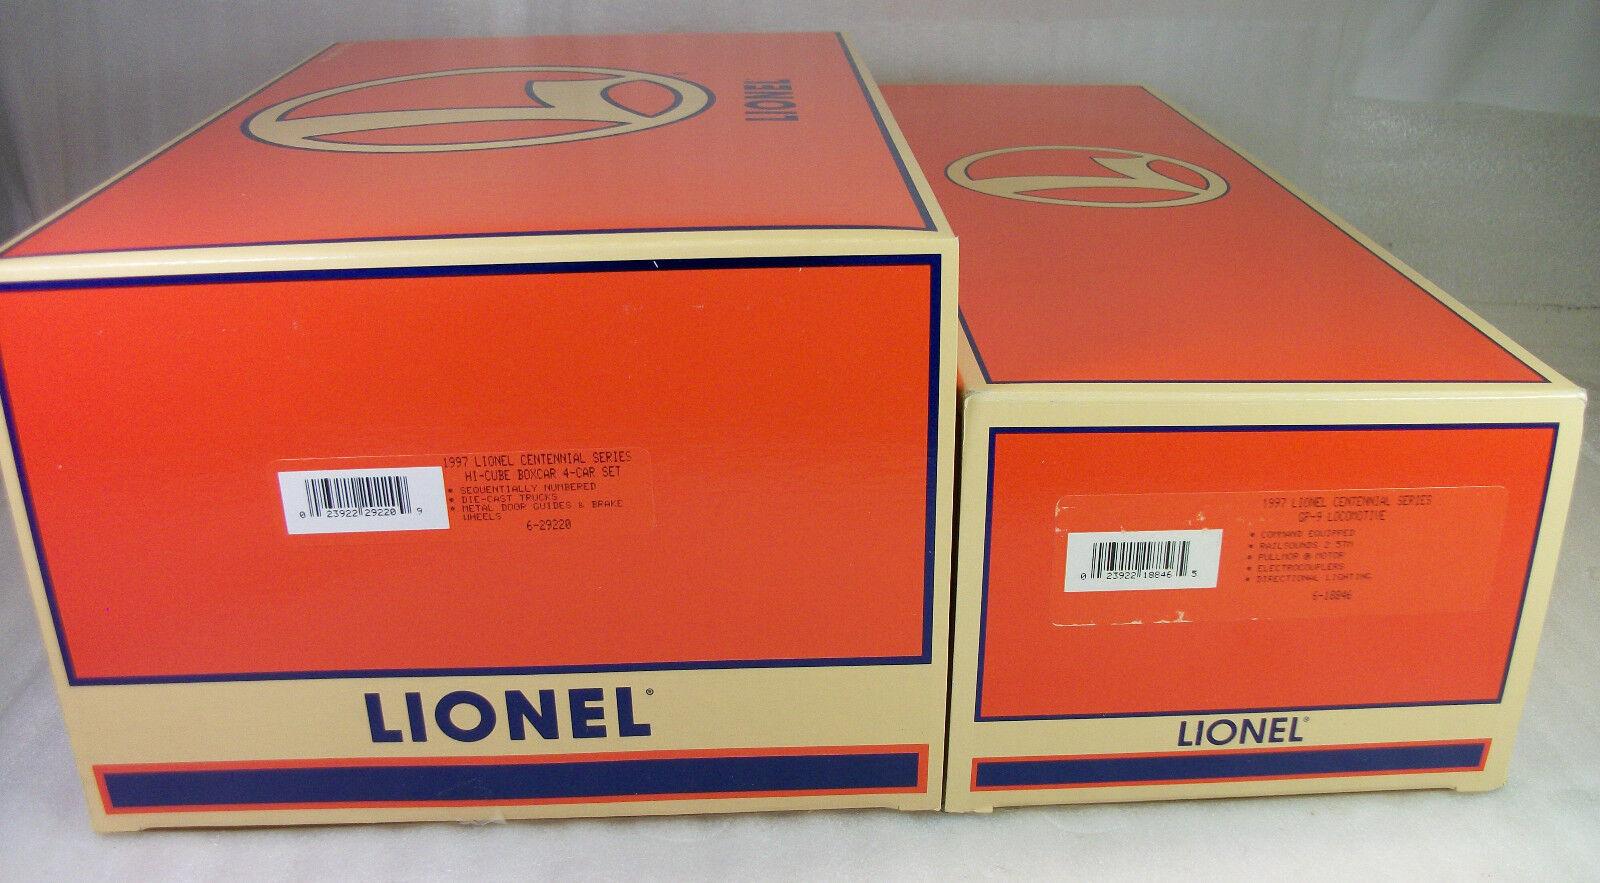 Lionel 18846 & 29220 1997 Century Memorial Kit GP - 9 4 cajas Mint obs